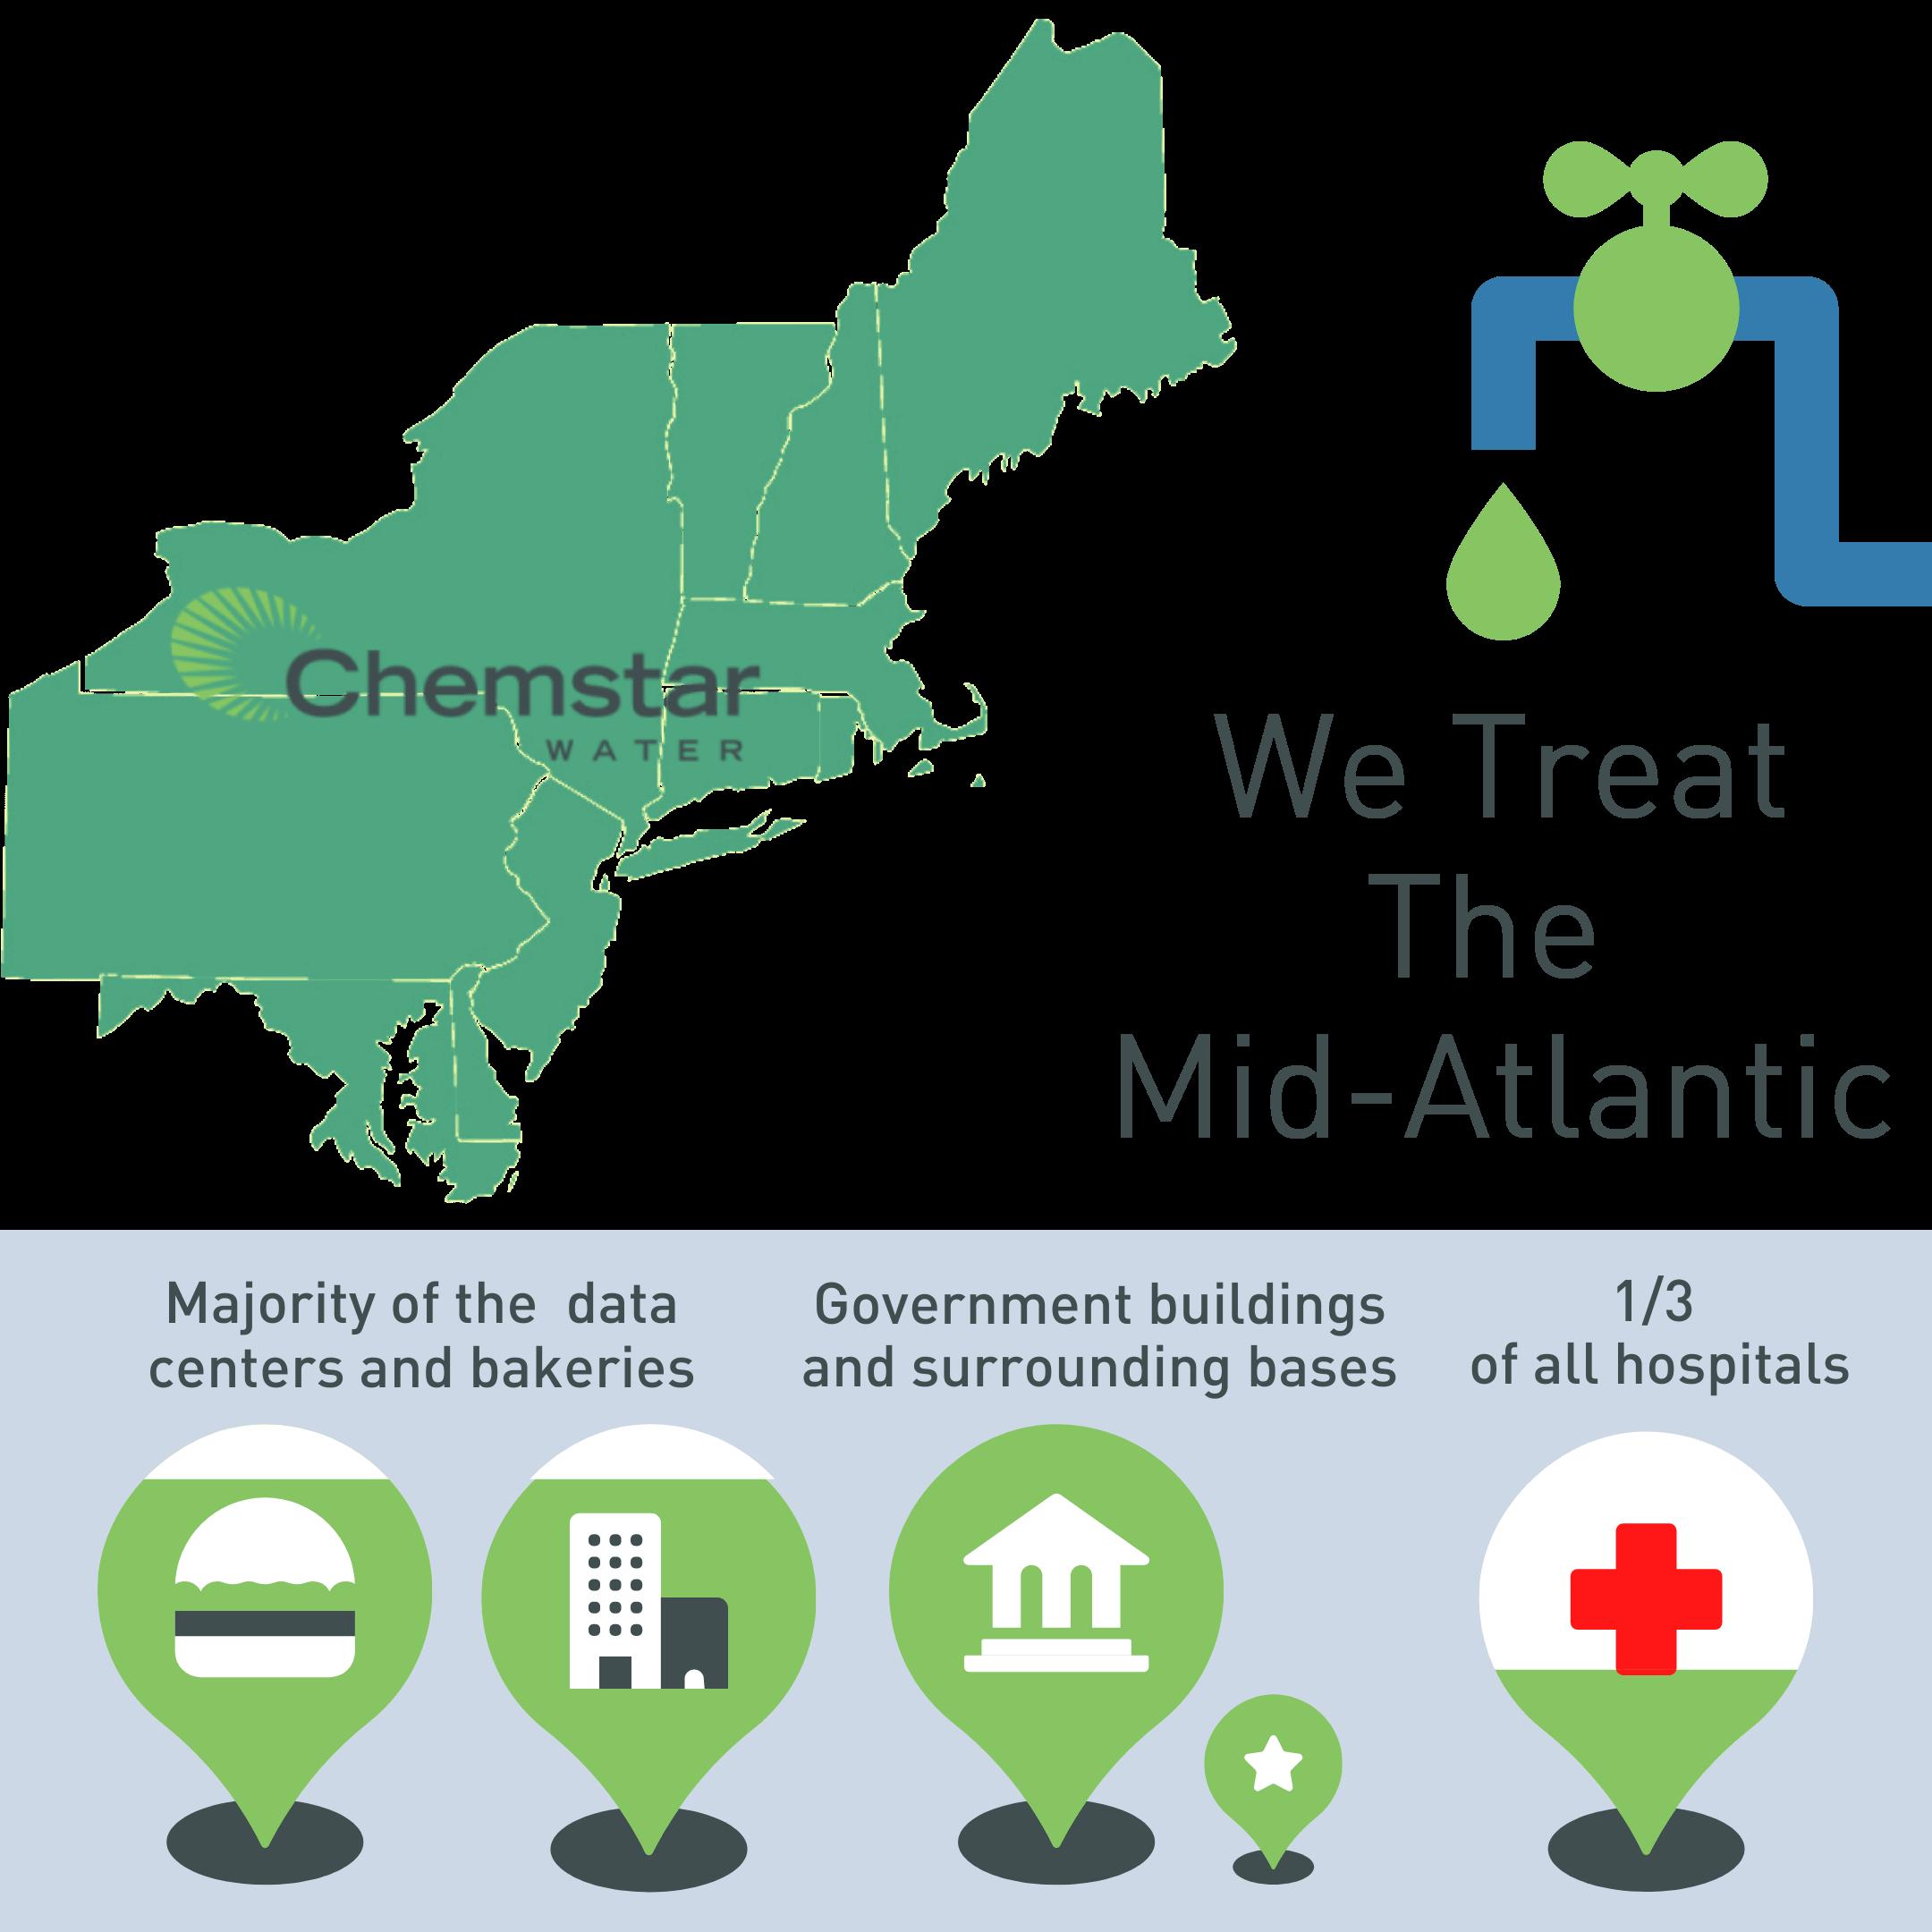 We treat the Mid-Atlantic